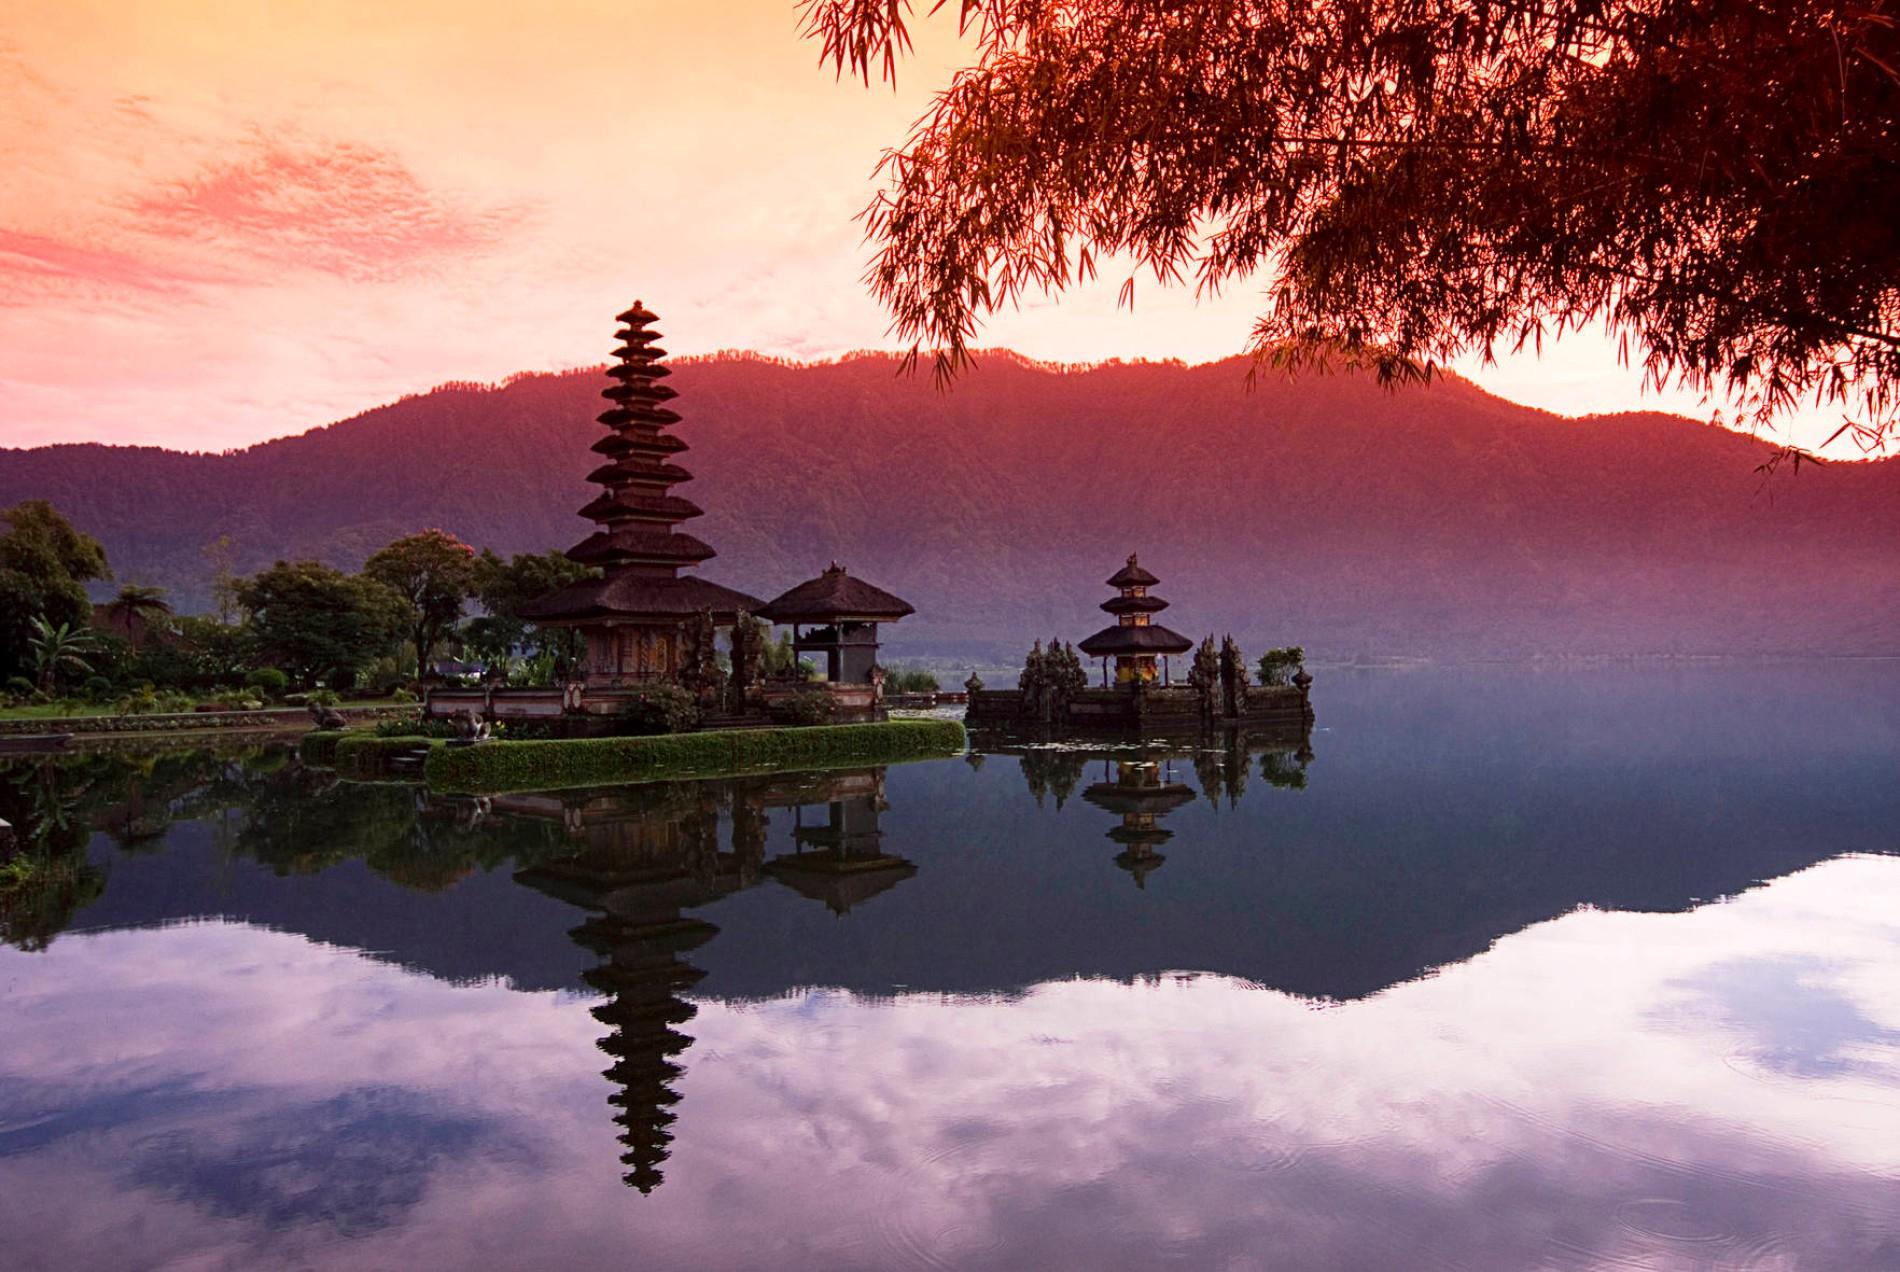 Welthandelsabkommen: Das Wunder Von Bali regarding Lacordaire Wall Mounted Mailbox (Image 30 of 30)